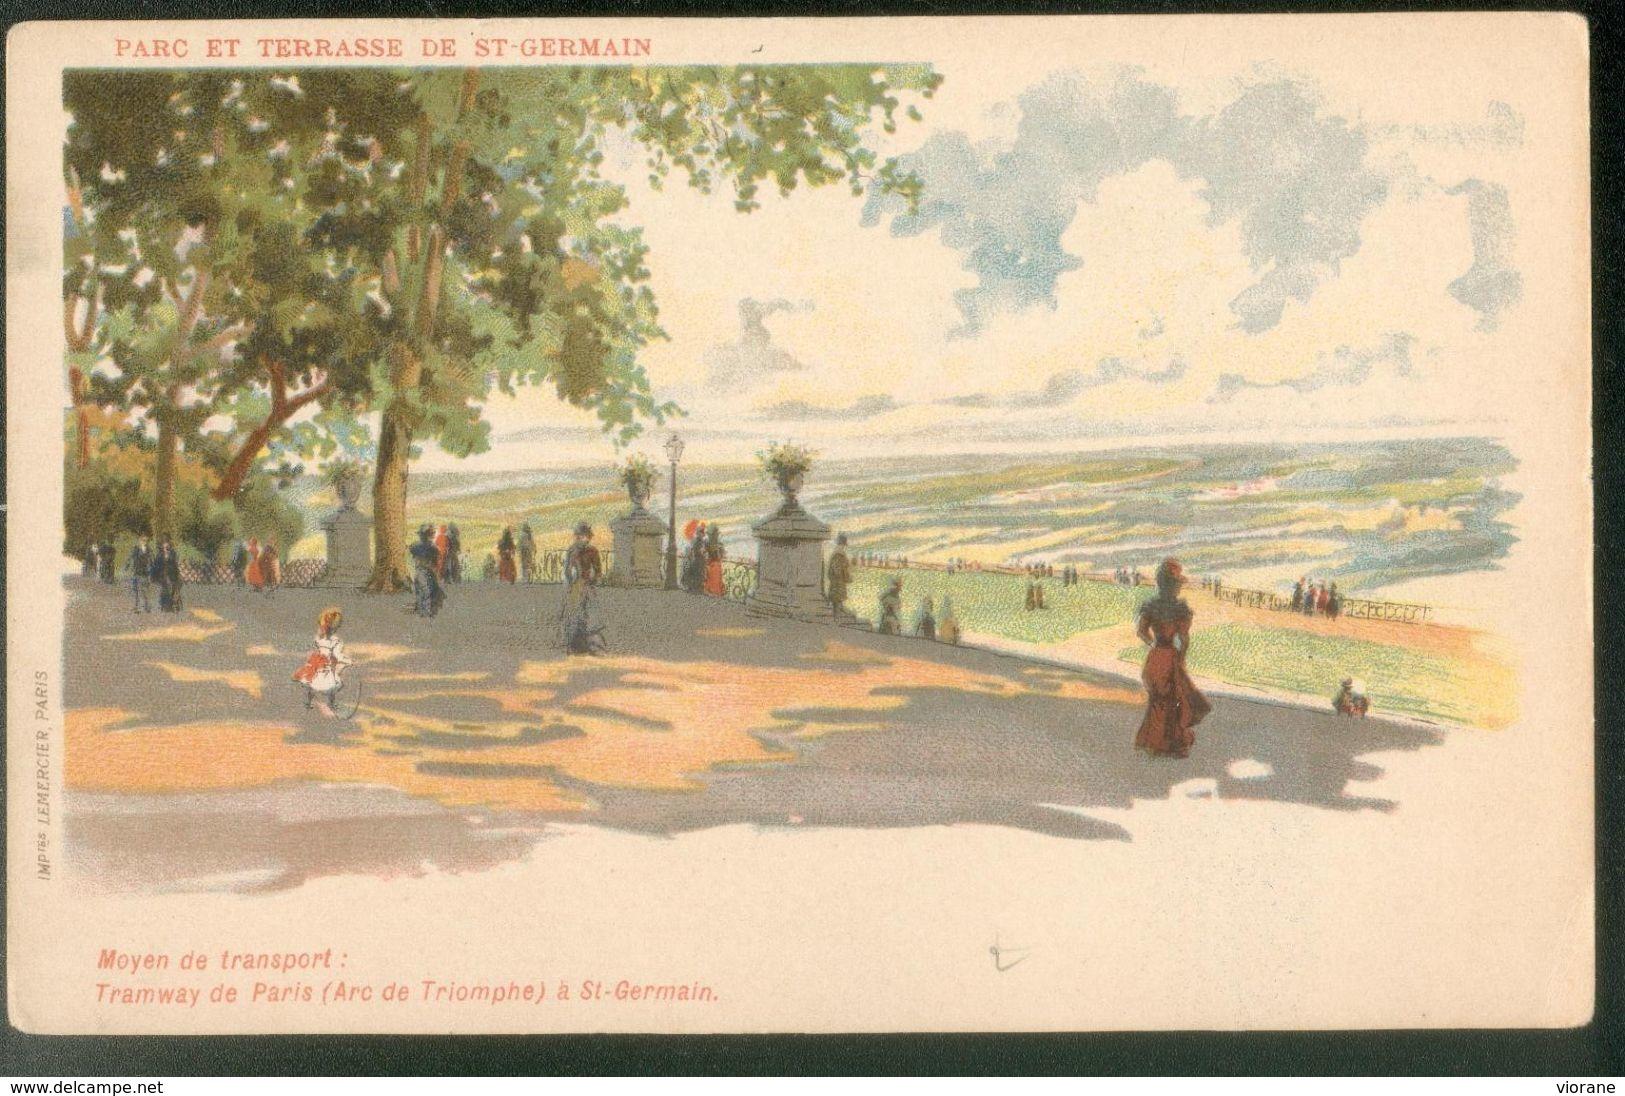 Parc Et Terrasse De St-Germain - Moyen De Transport : Tramway De Paris - Parks, Gardens